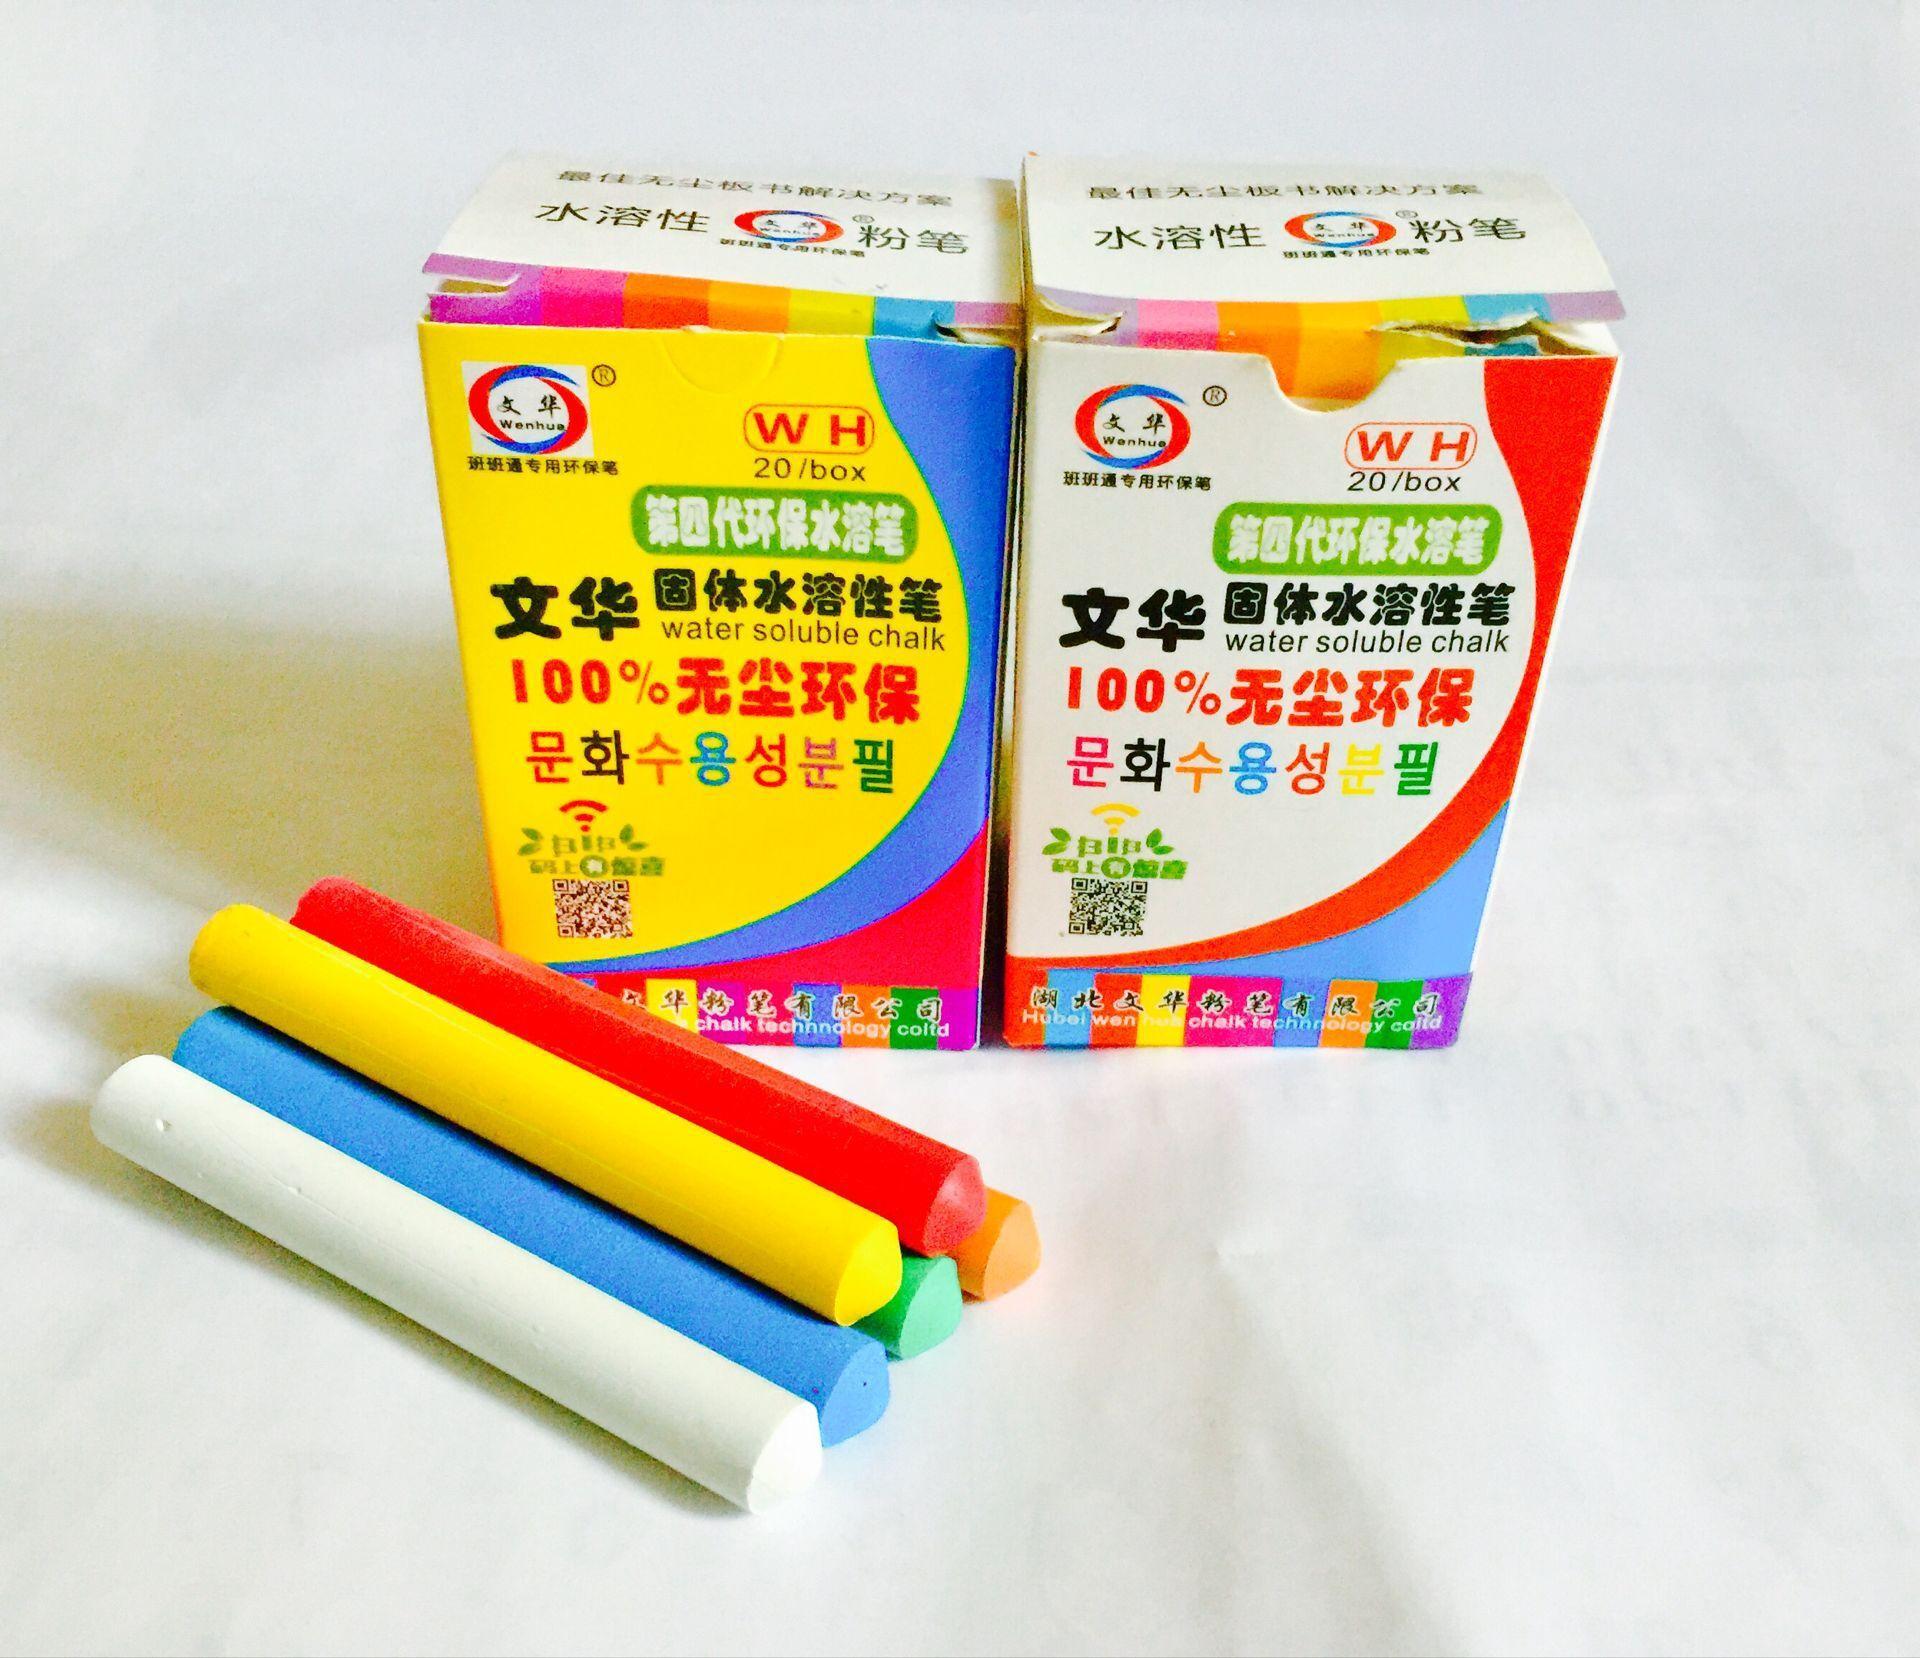 供应文华彩虹水溶性粉笔 油脂粉笔批发